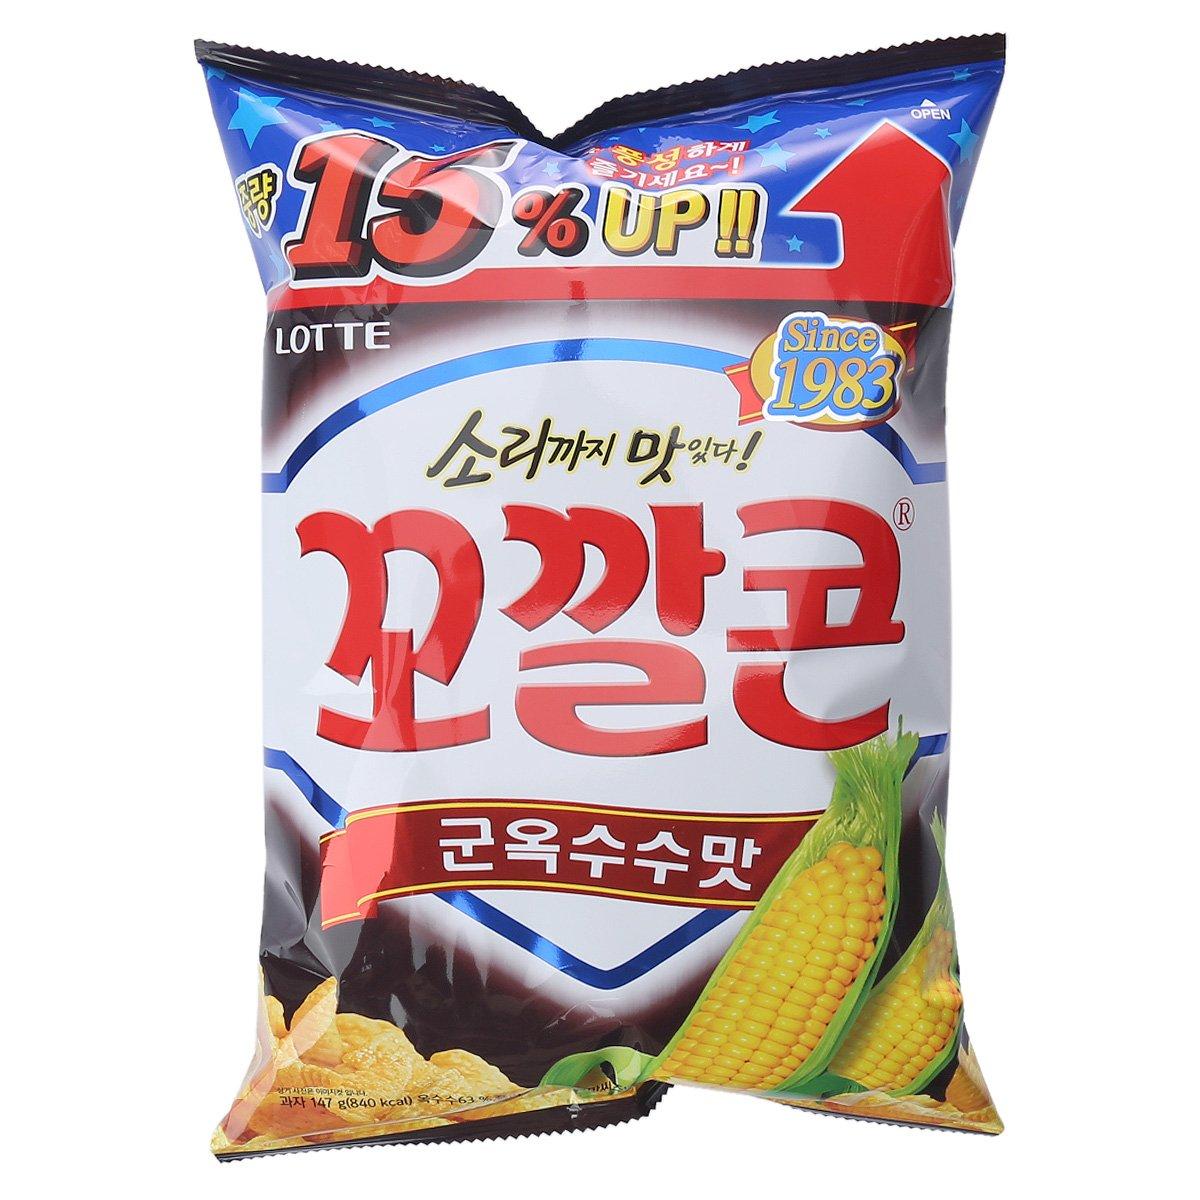 [롯데] 꼬깔콘 군옥수수맛 147g